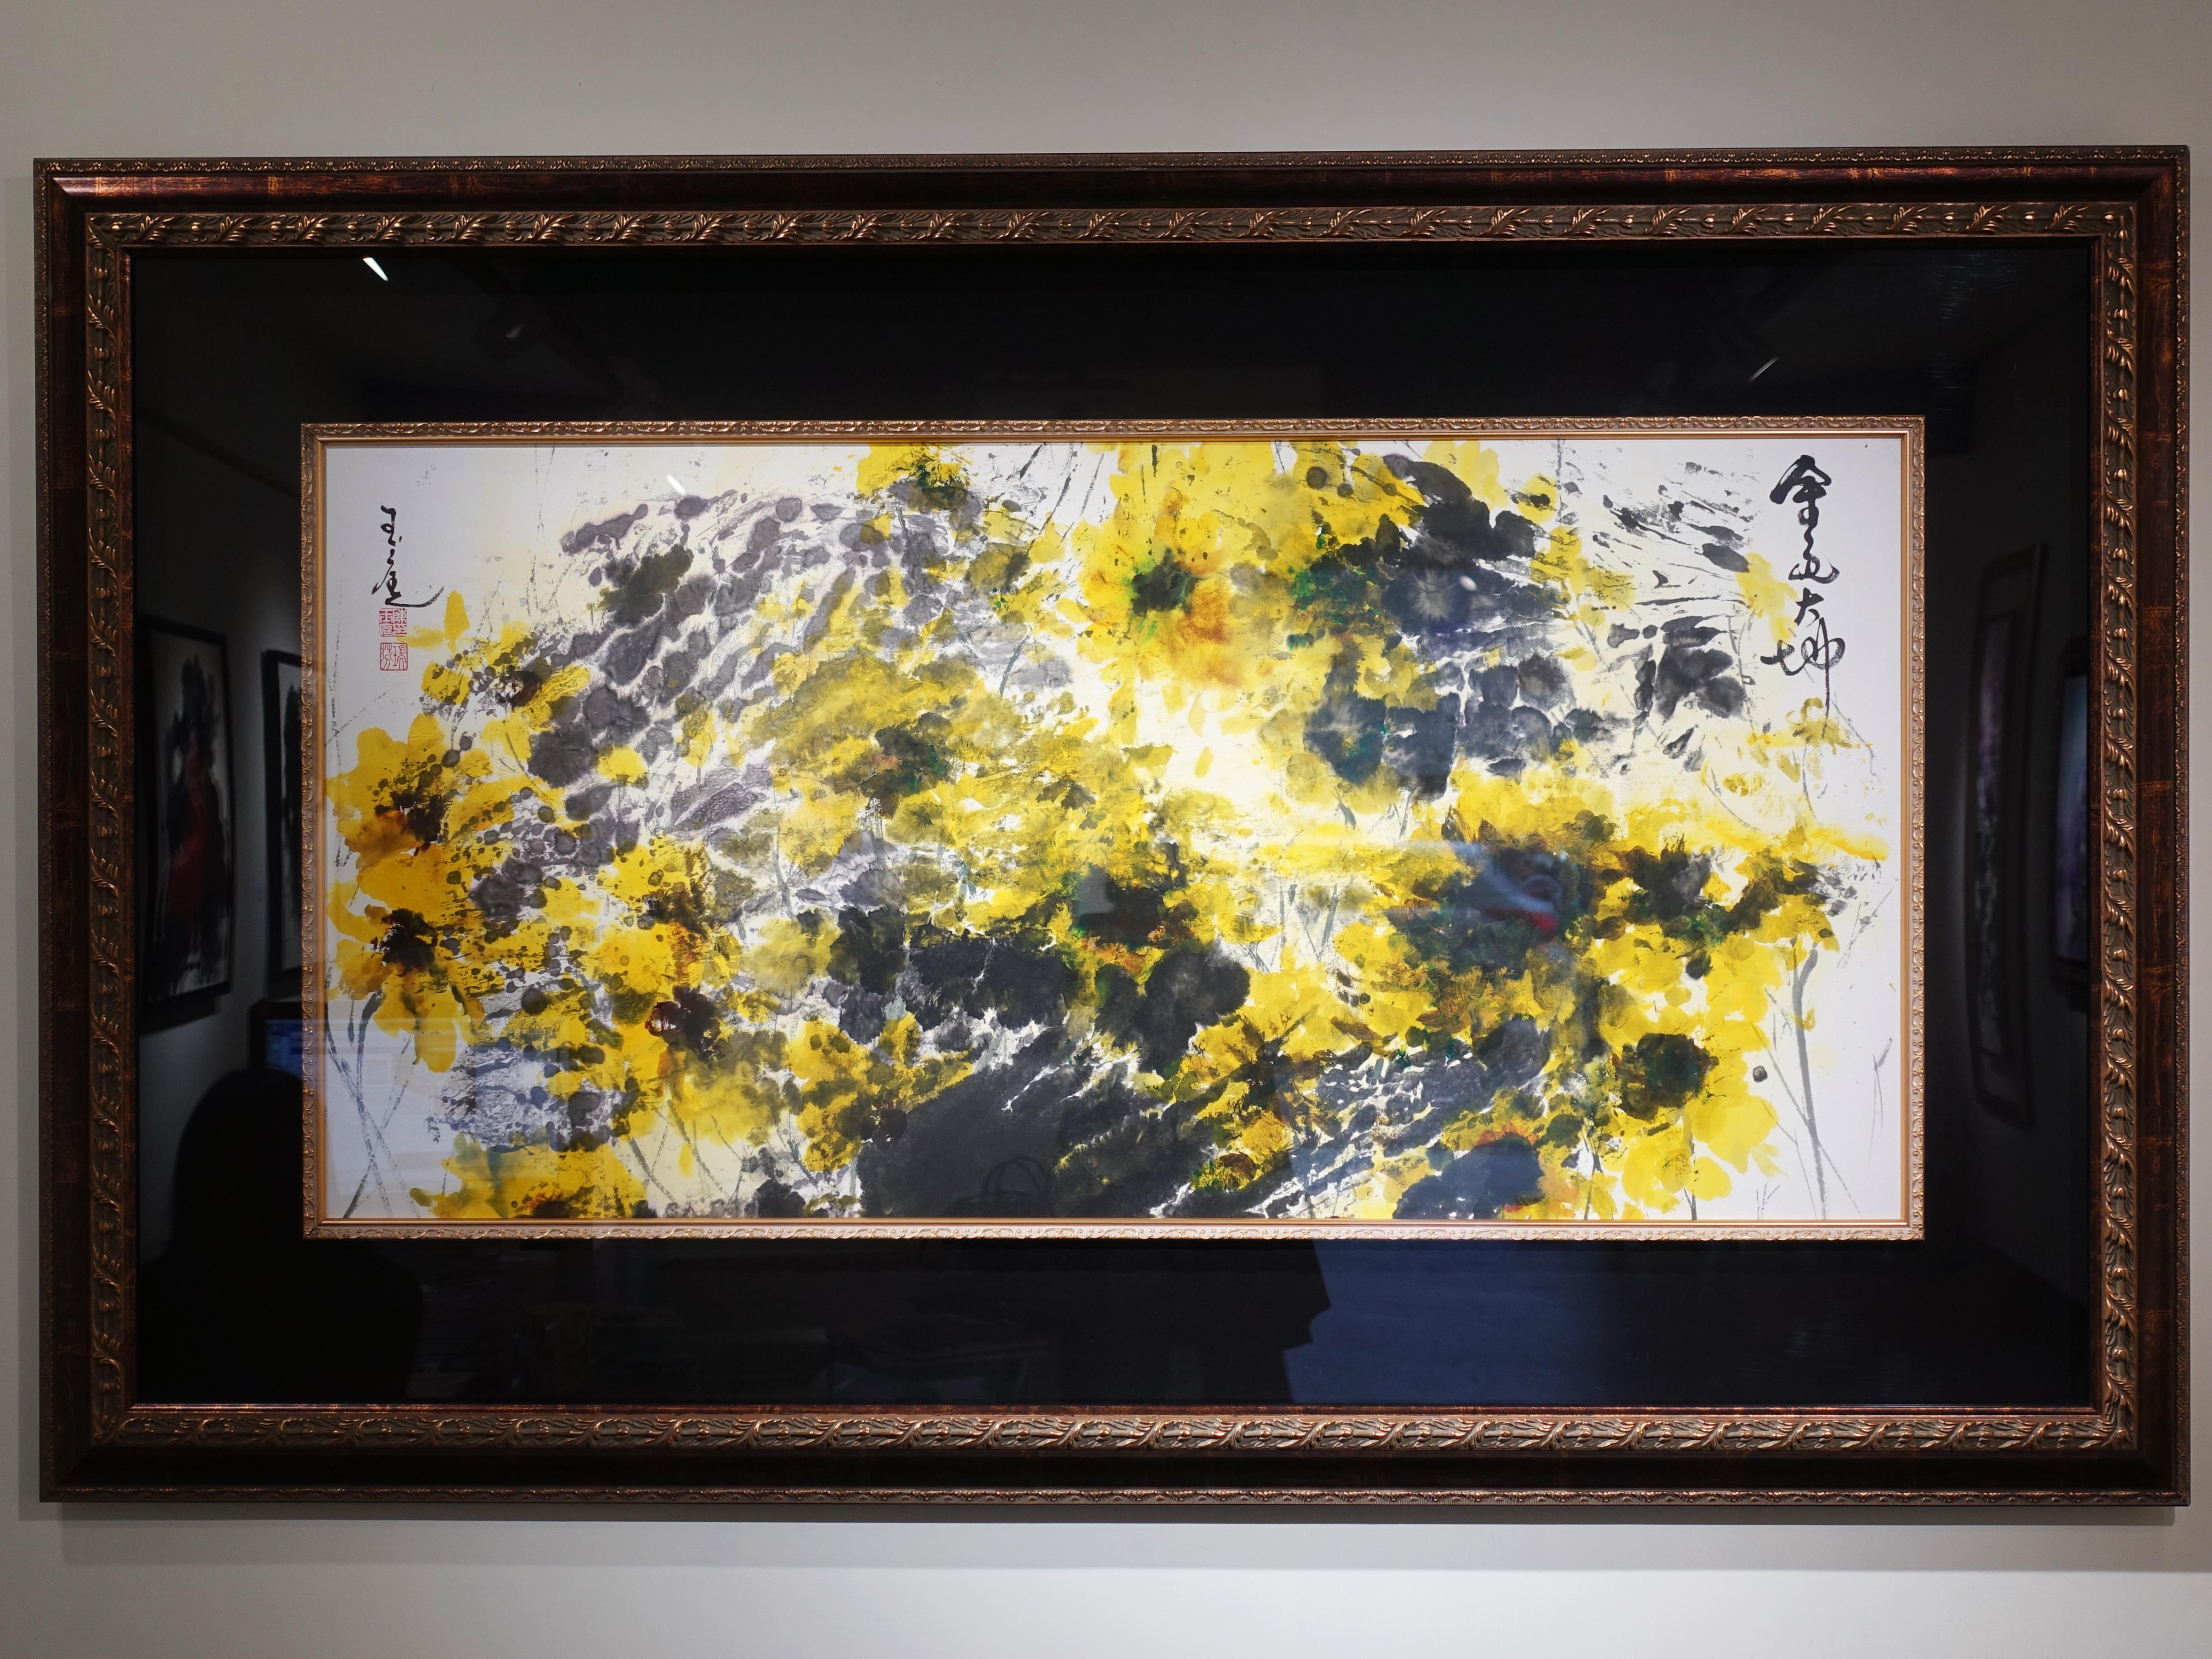 陳玉庭,《金色大地2017》,72x152cm,水墨紙本,2011。